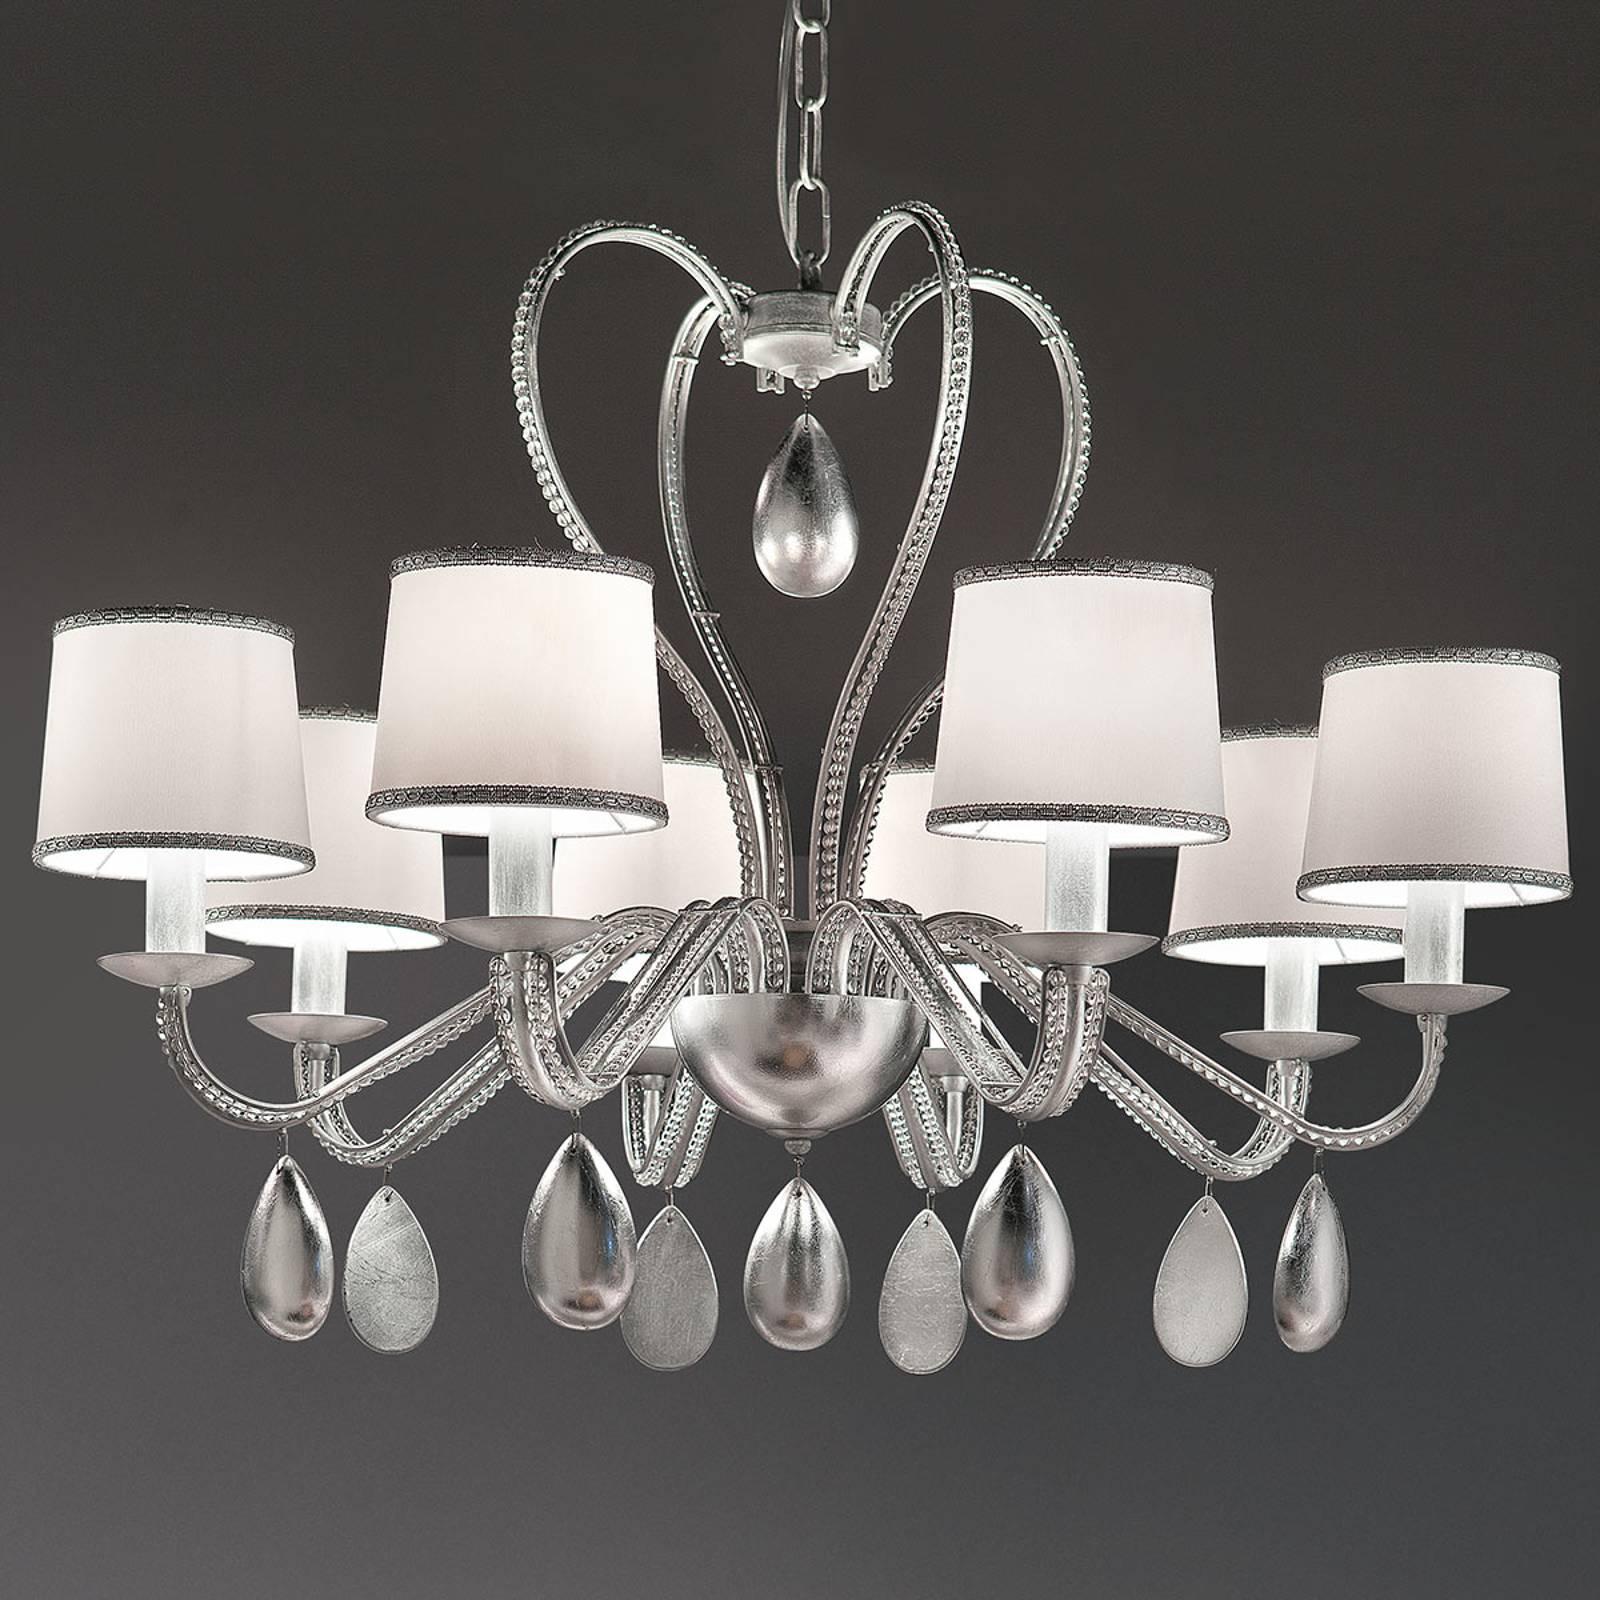 8-lamps kroonluchter Anouk zilver